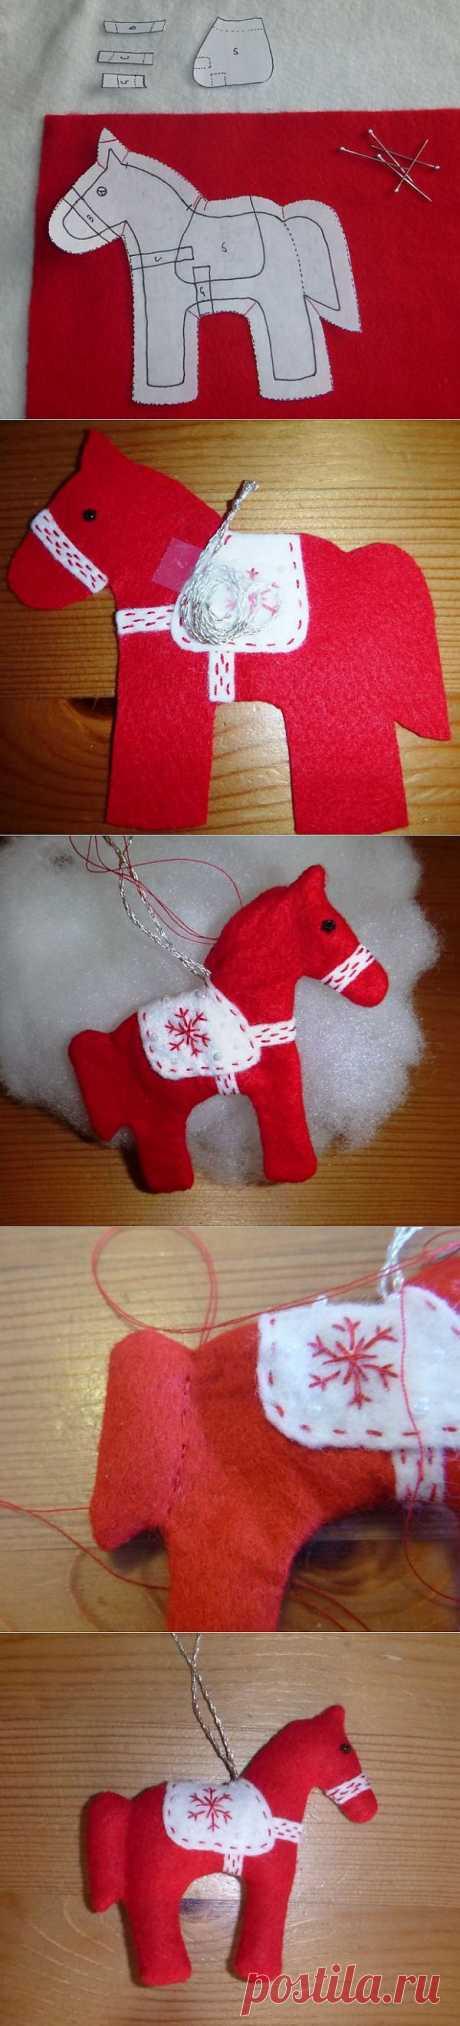 (+1) - Готовимся к новому году: елочная игрушка лошадка своими руками | Полезные советы